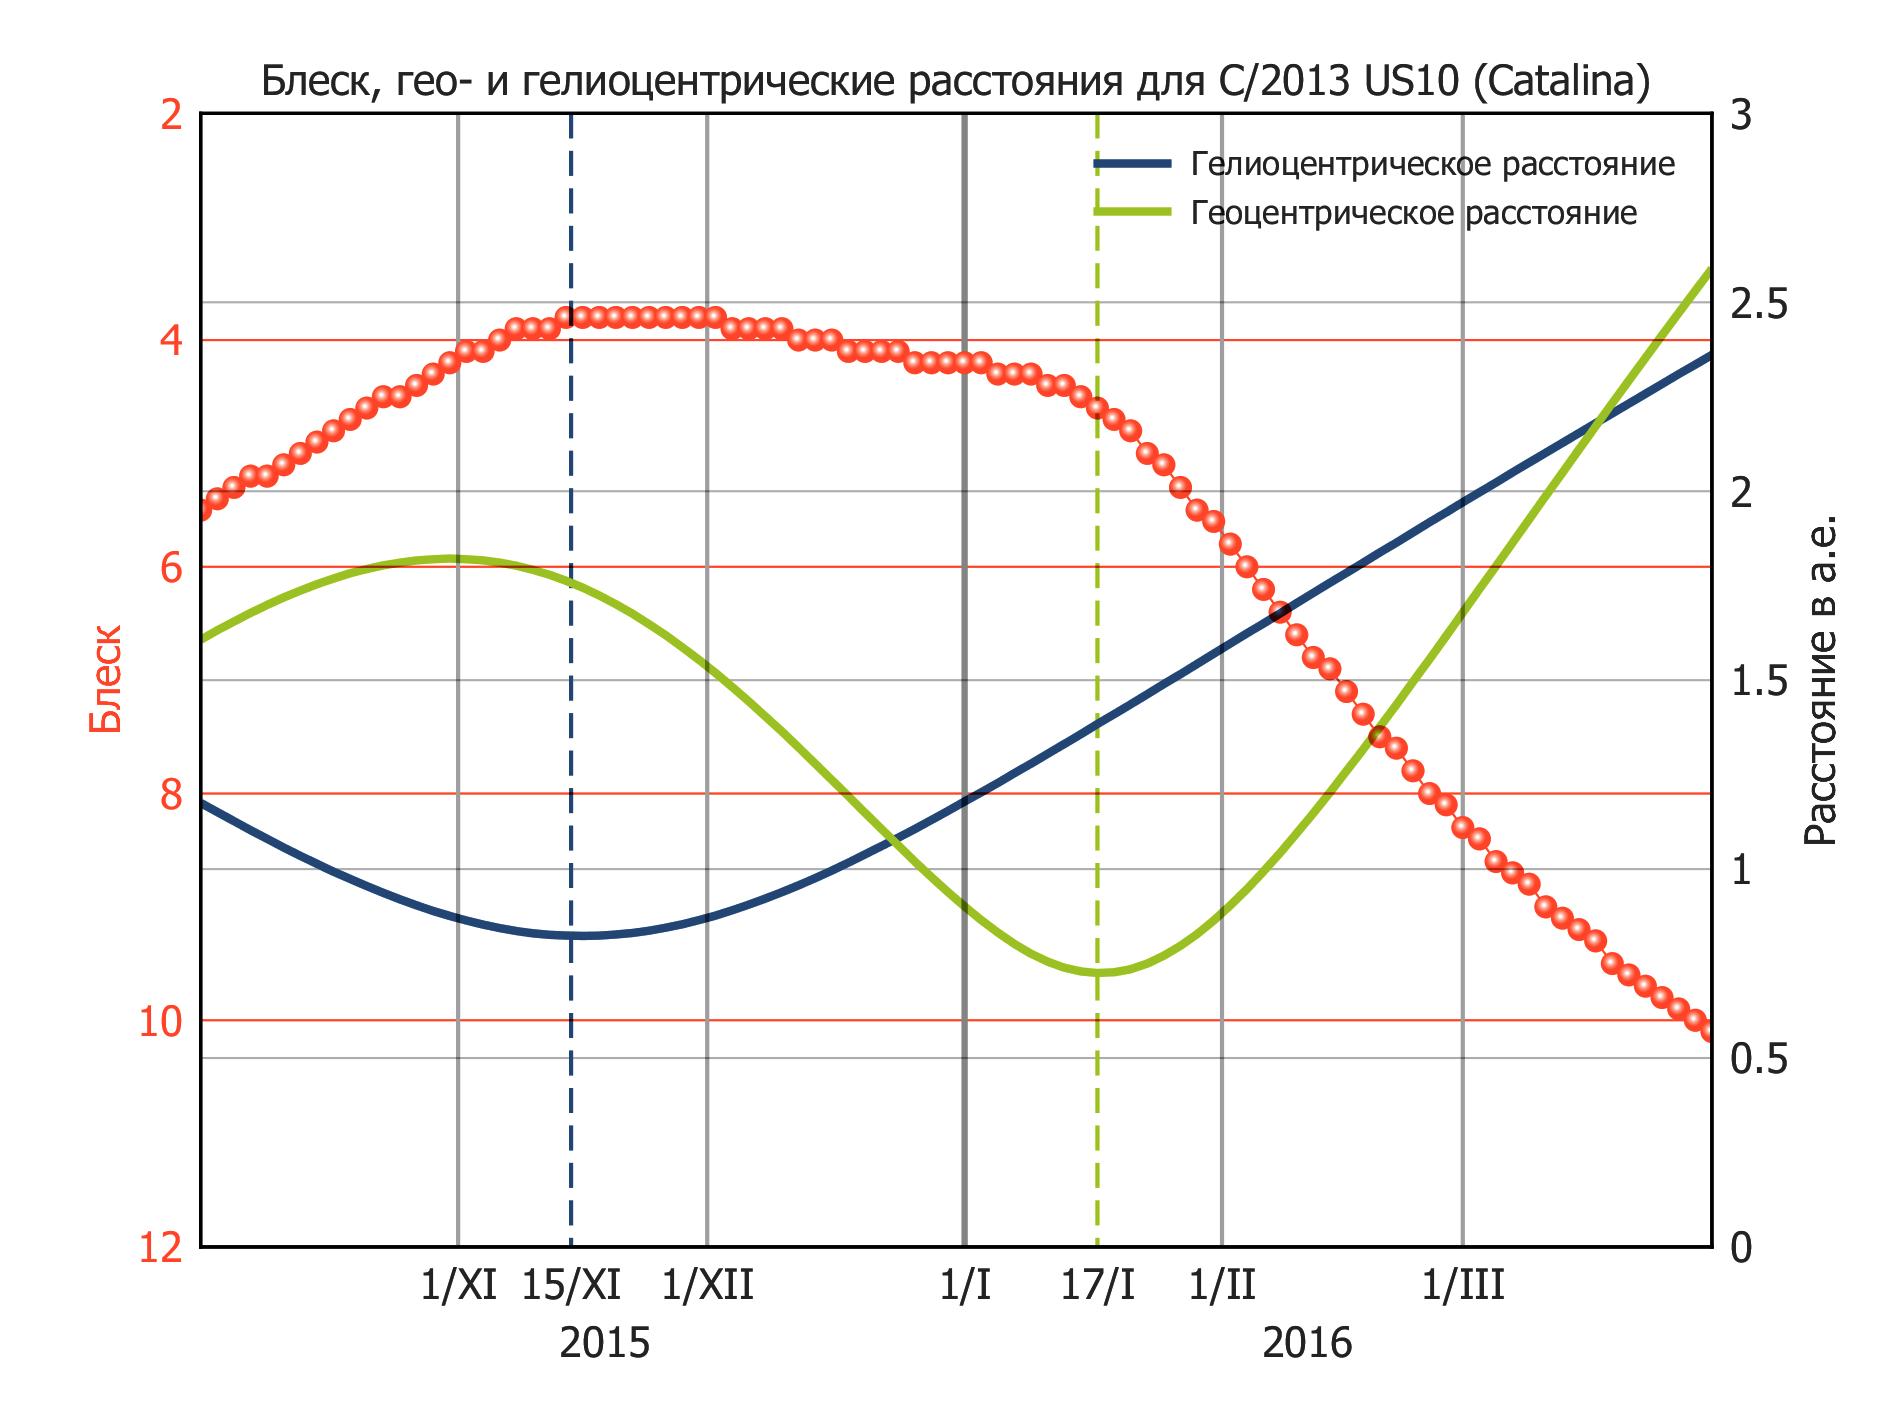 График изменения блеска кометы Каталина